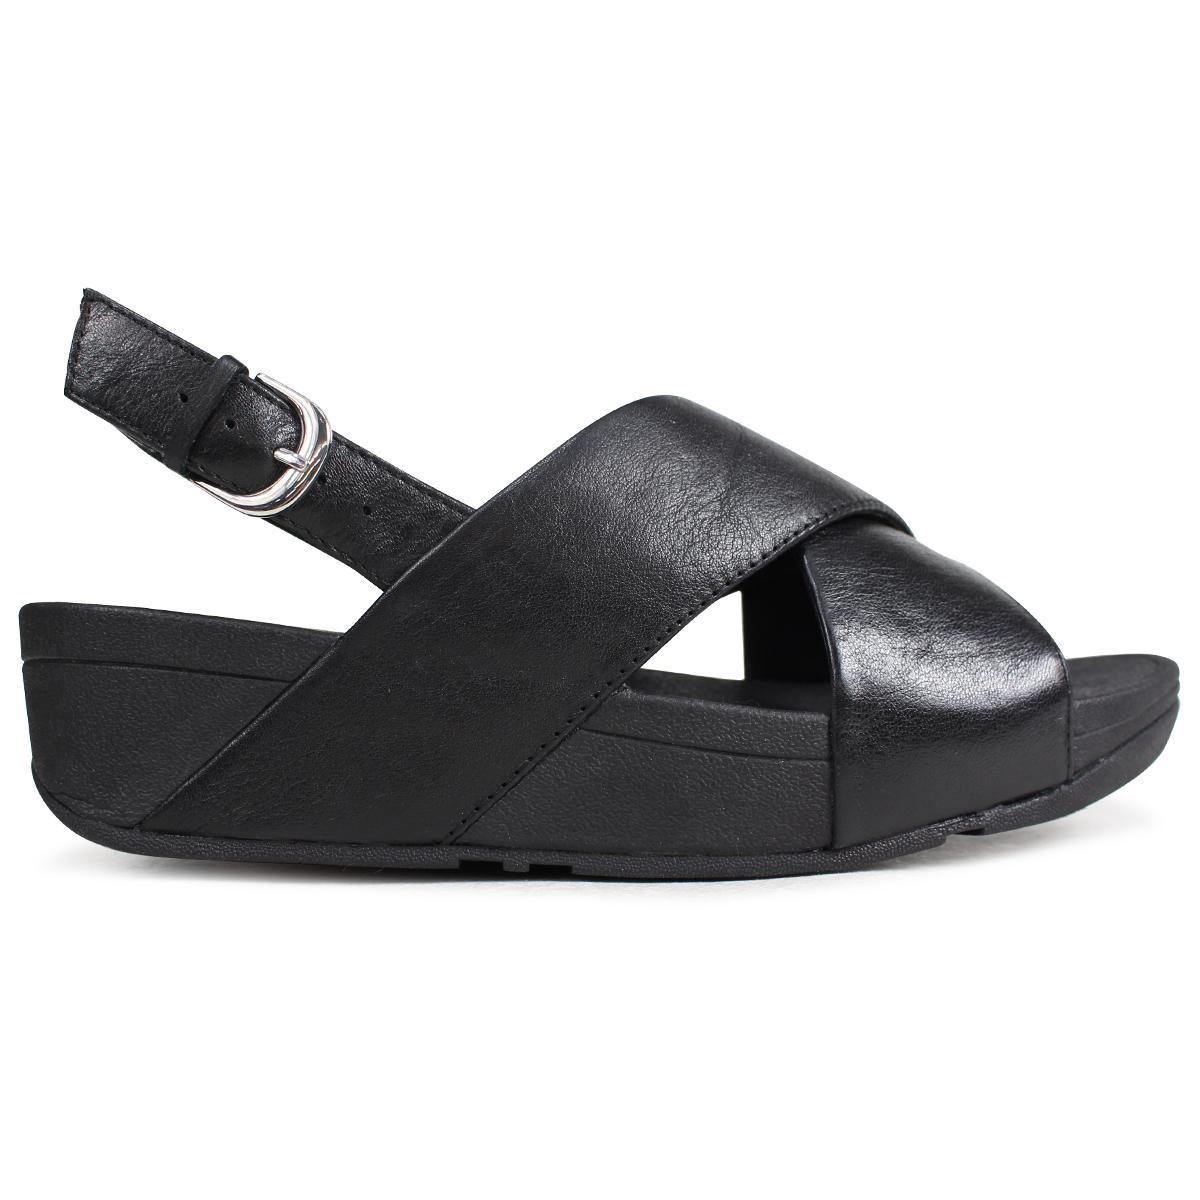 1c1b36500 SneaK Online Shop  FitFlop fitting FLOP sandals Lulu LULU CROSS BACK-STRAP  SANDALS LEATHER Lady s K03 black